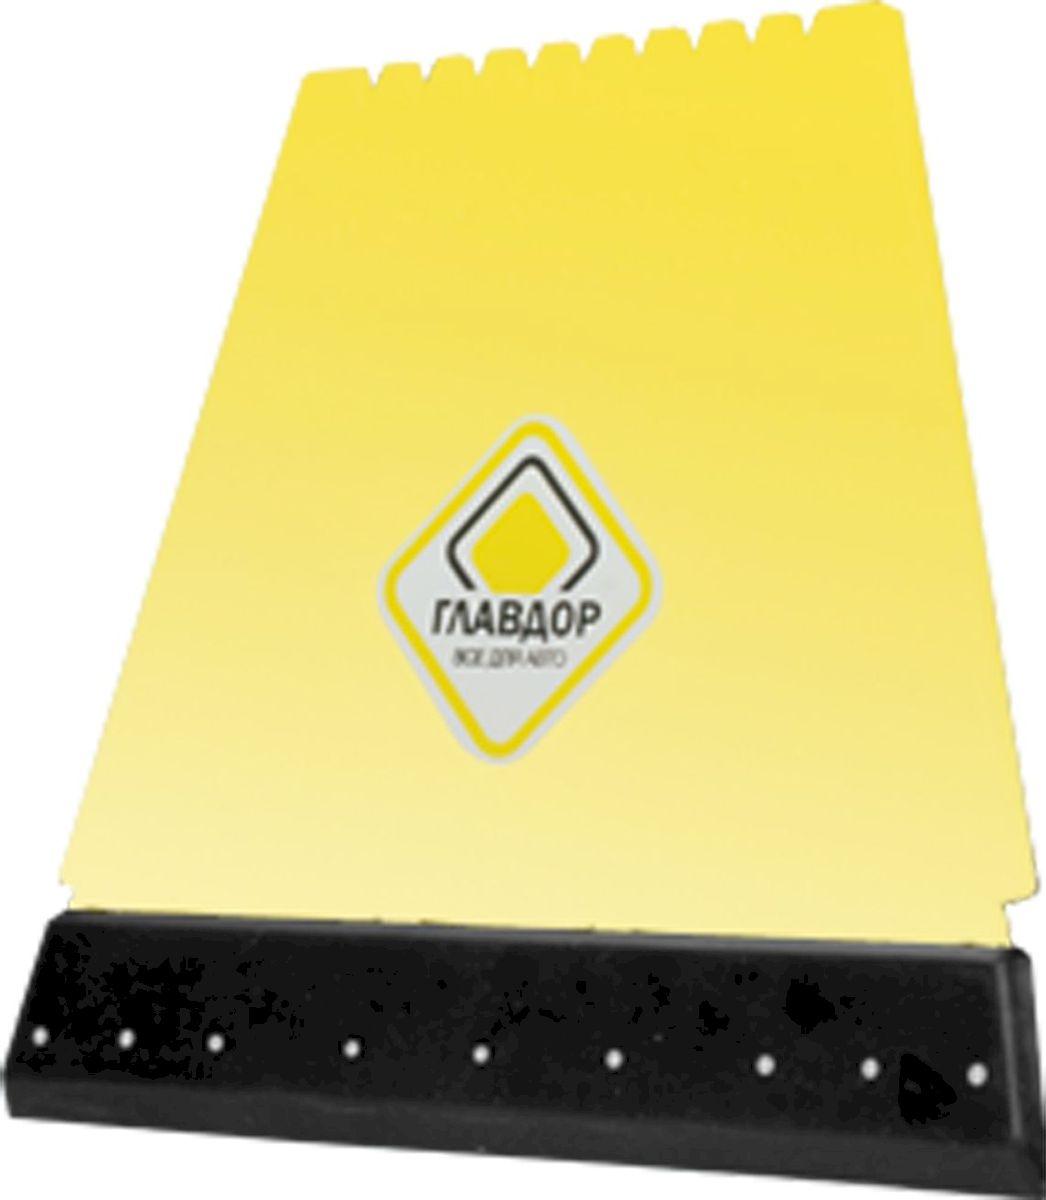 Скребок Главдор, четырехсторонний, цвет: желтыйВетерок 2ГФПродуманный до мелочей скребок для льда и сгона воды, в котором задействованы все четыре стороны для более эффективного удаление нежелательной наледи с поверхности автомобиля.Имеет два тонких лезвия по бокам, резиновый сгон и разрыхлитель наледи. Удобно лежит в руке, а хранение не занимает много места.